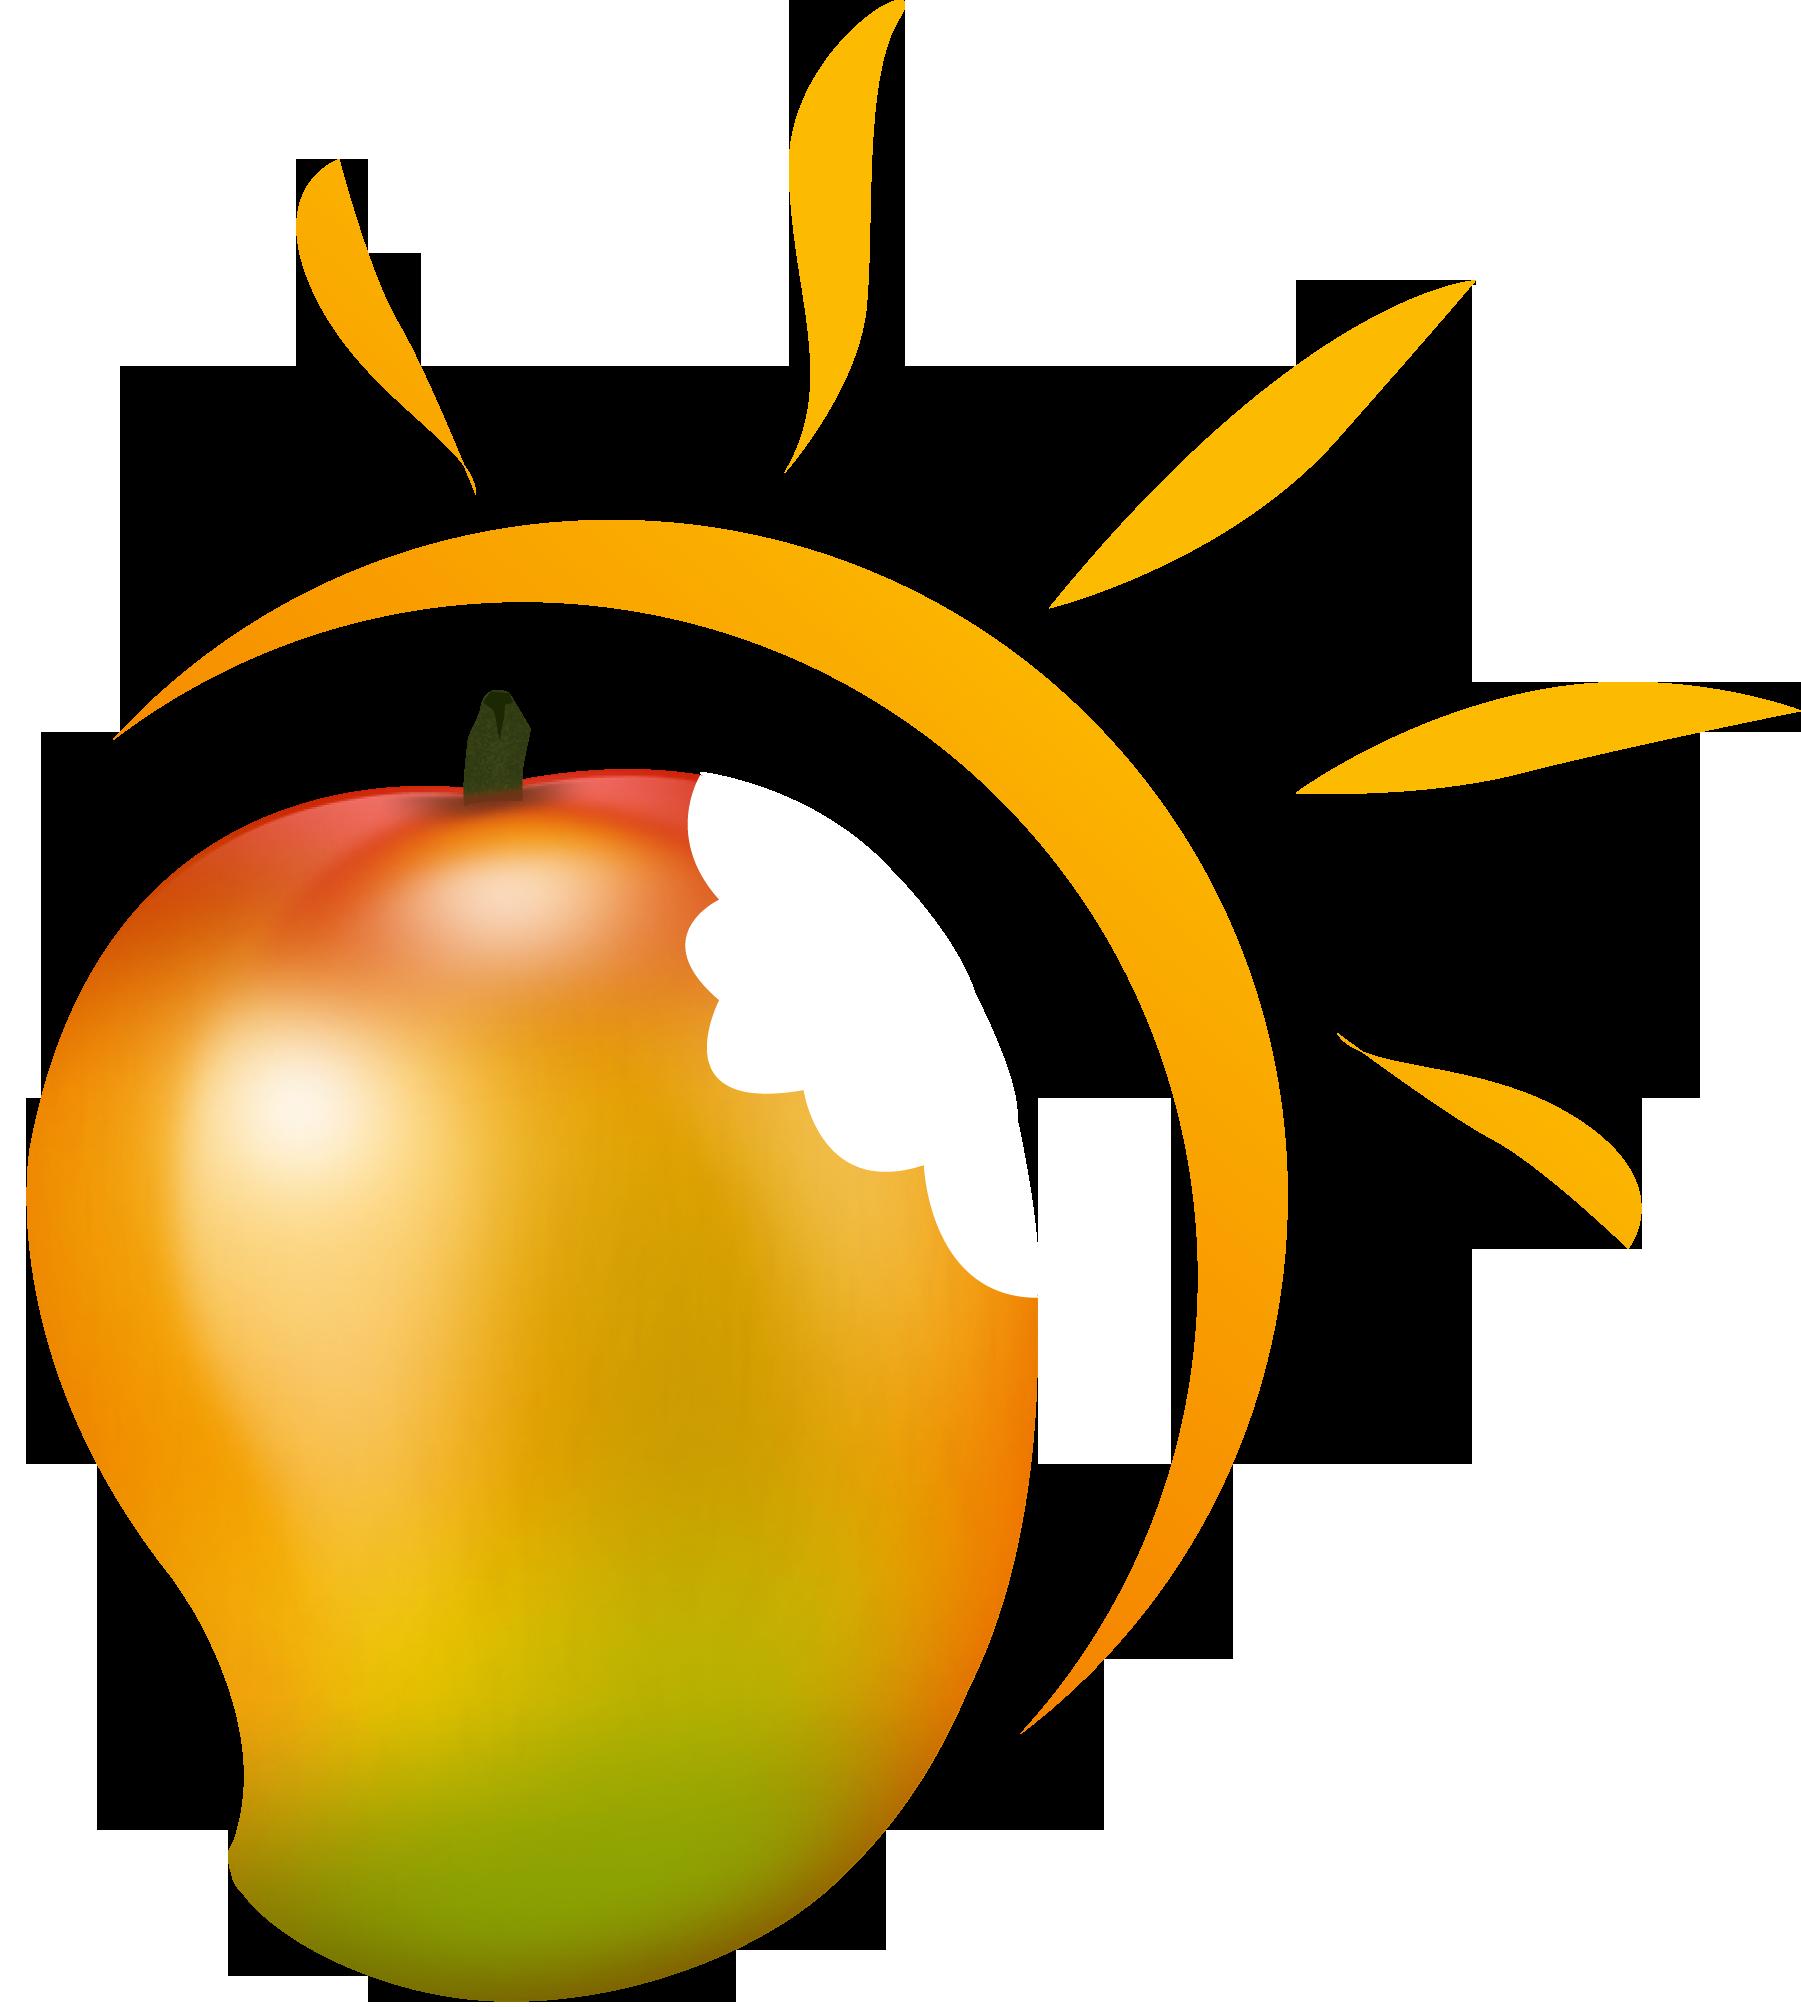 Mango Logos